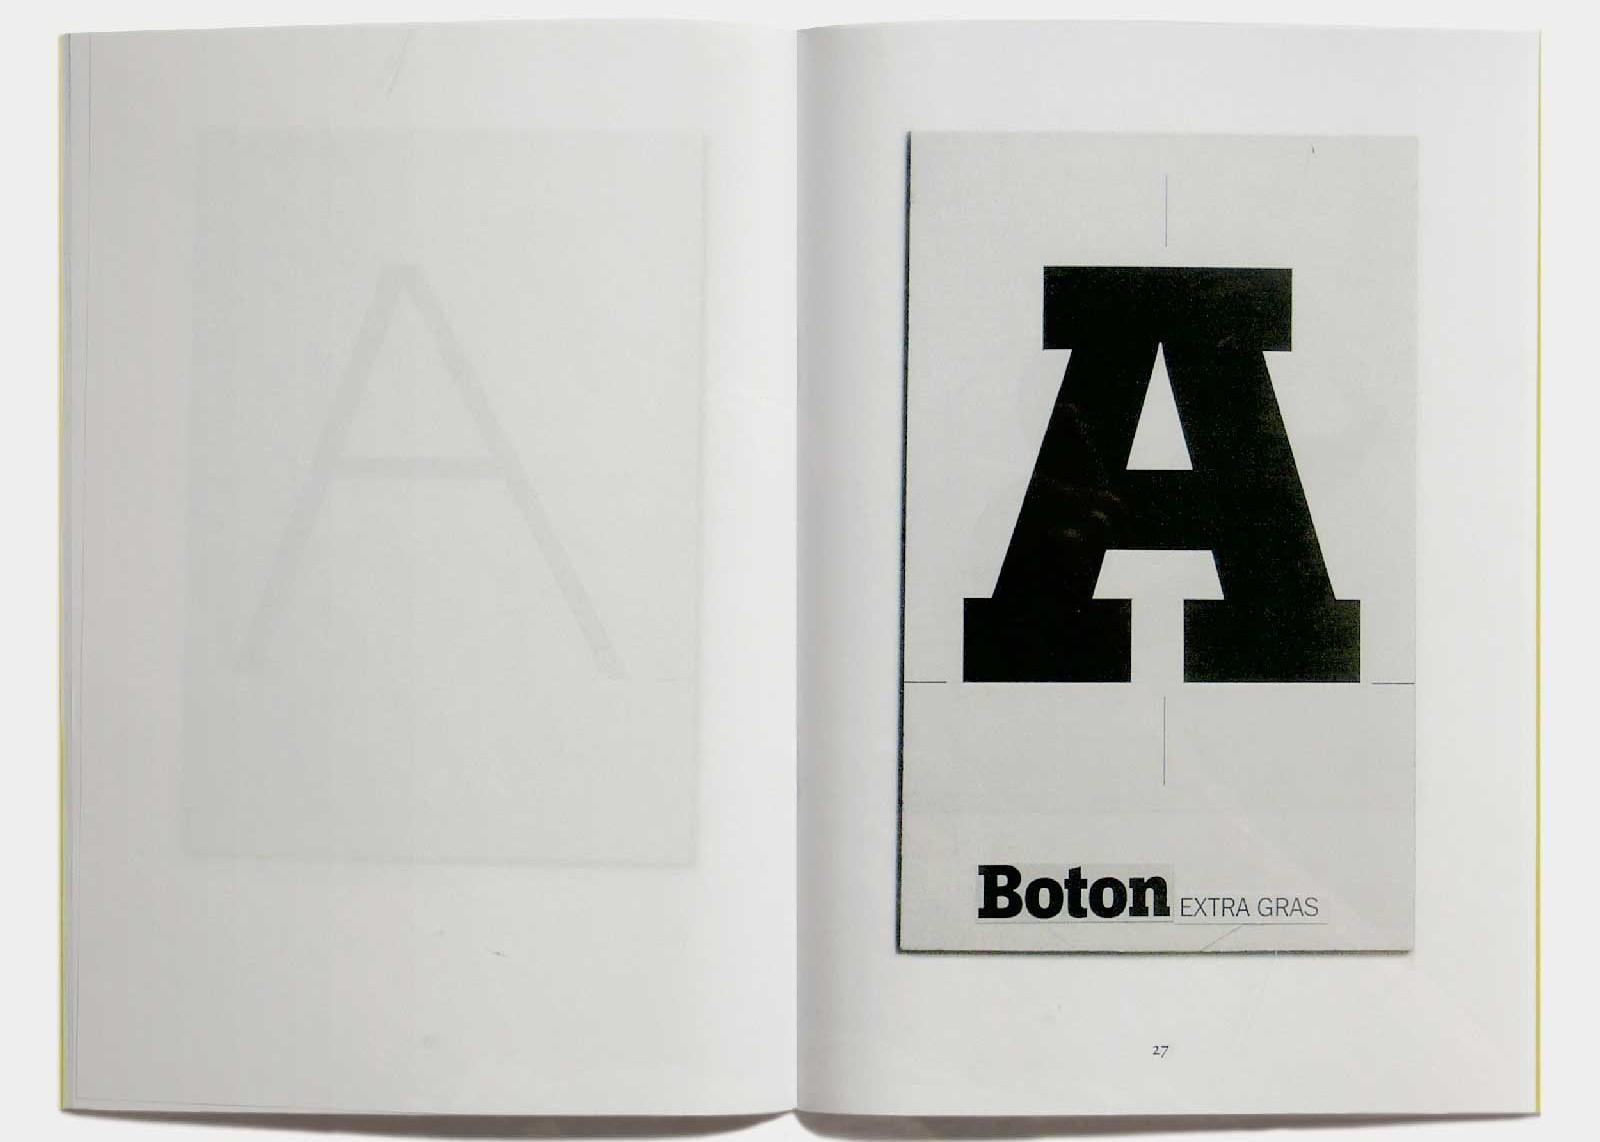 Page 27 — Caractère Boton (1976, Typogabor; 1986, Berthold), dessin original à l'encre sur carte à gratter.